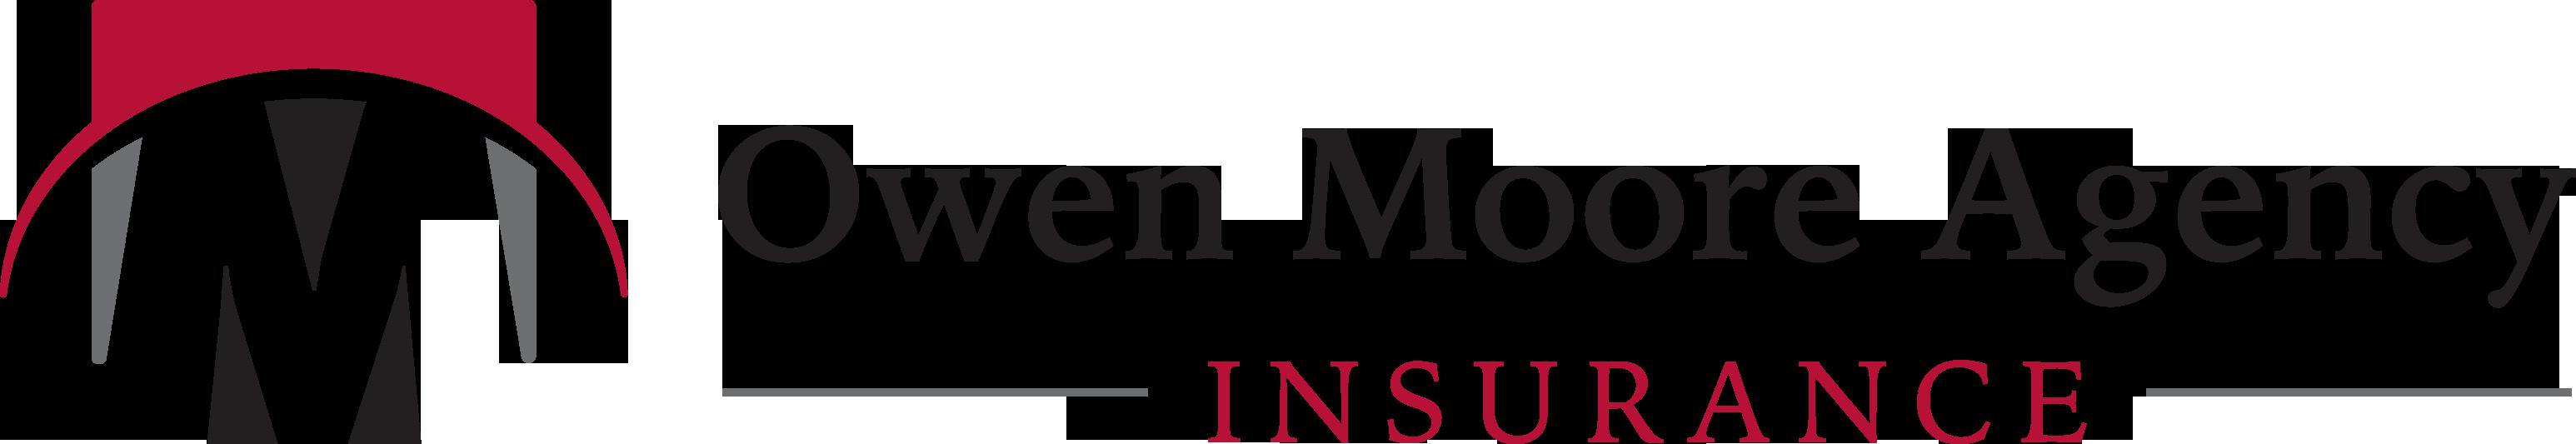 Owen Moore Agency Insurance